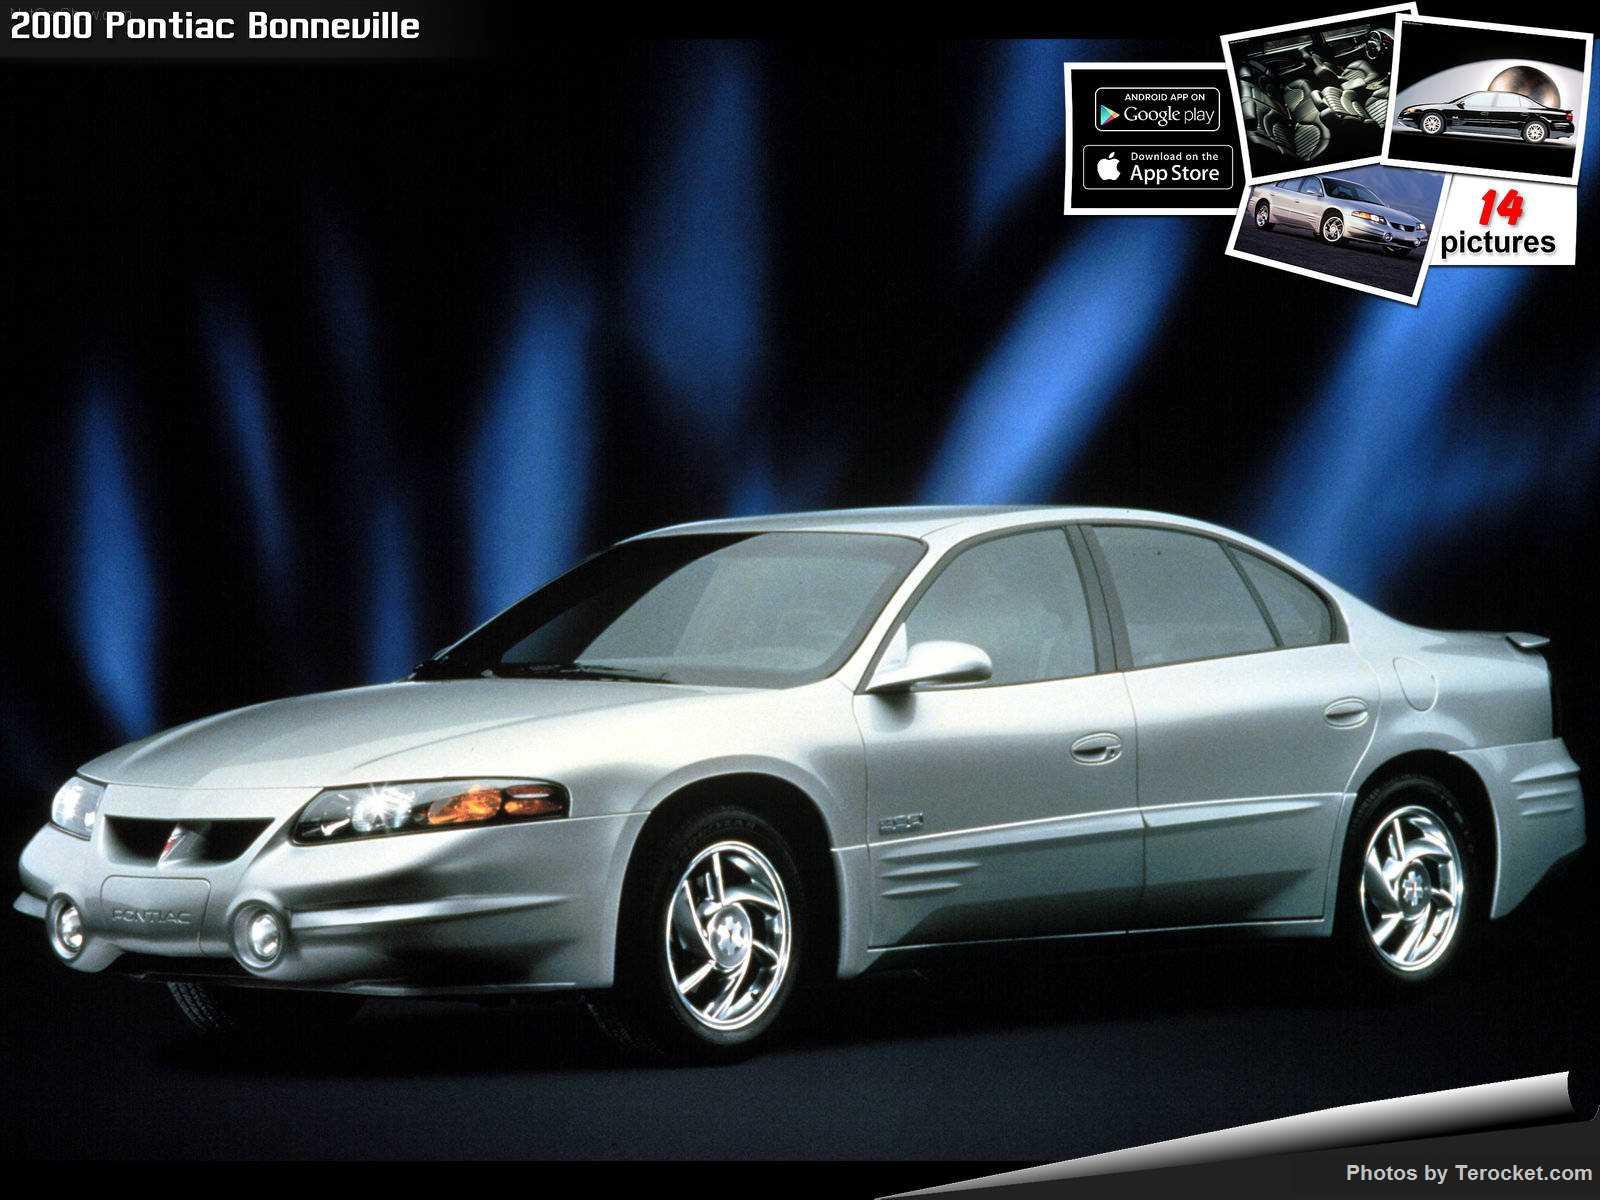 Hình ảnh xe ô tô Pontiac Bonneville 2000 & nội ngoại thất